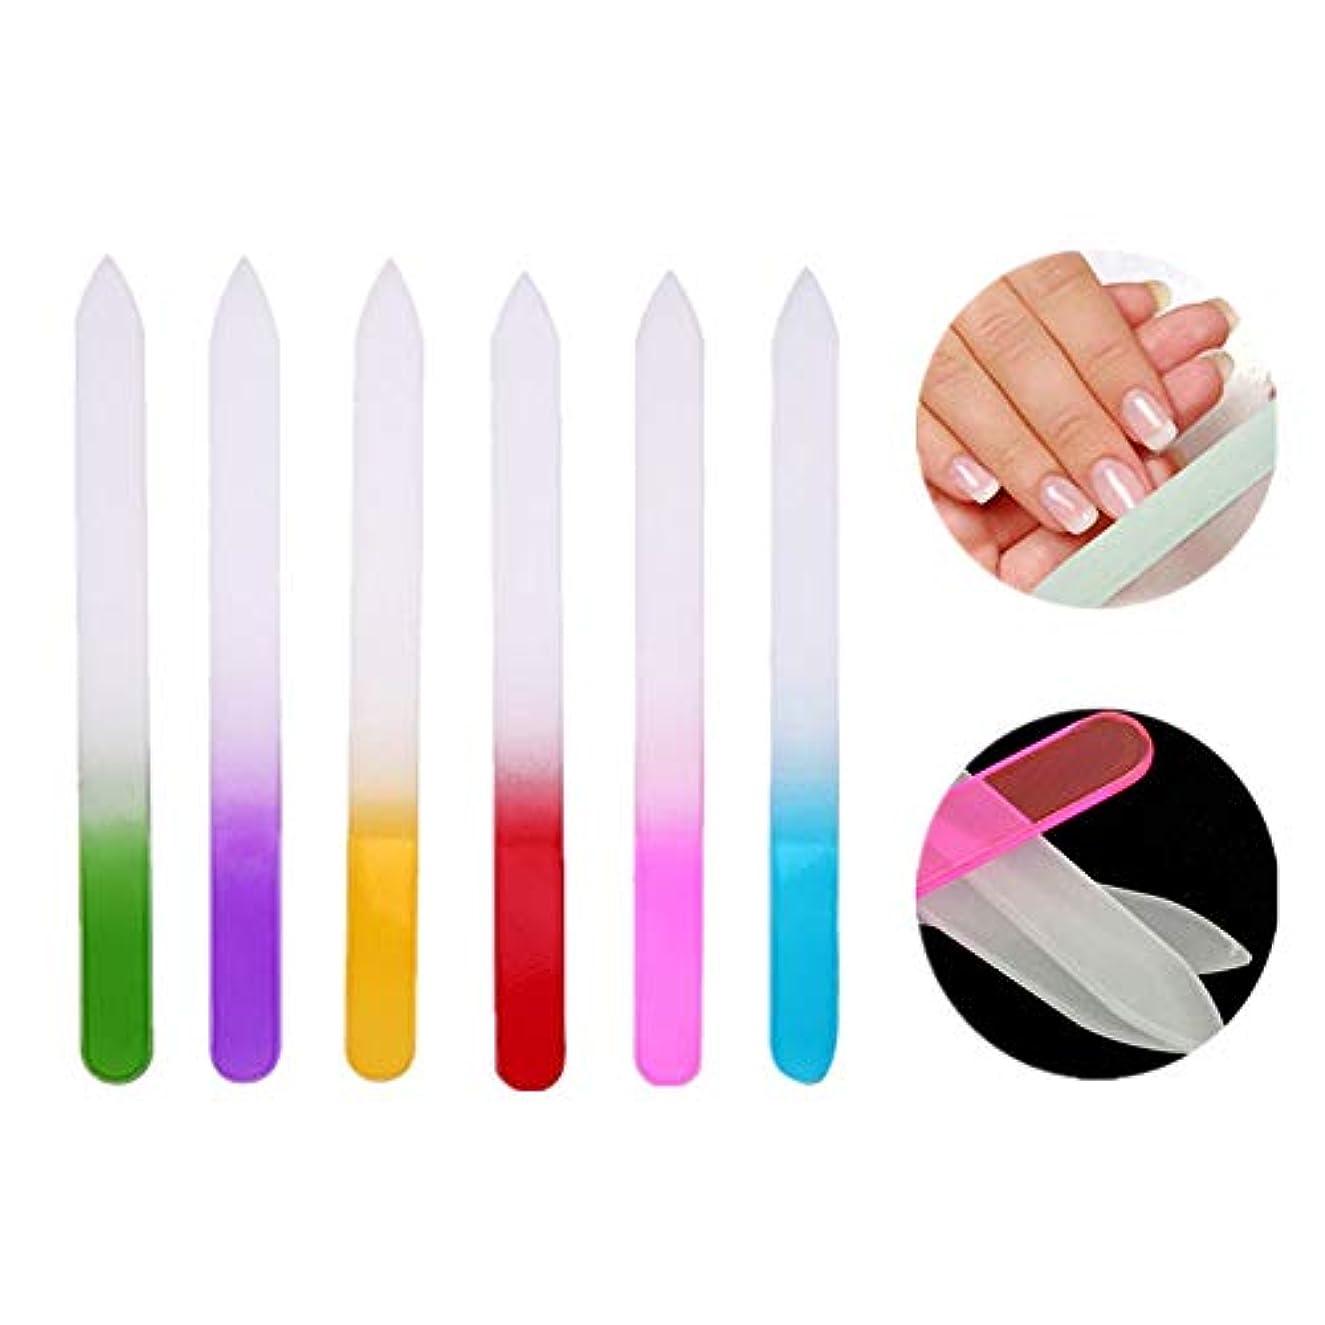 Kingsie ガラス製 爪やすり 6個セット 14cm 両面タイプ 爪やすり 水洗い可 携帯用 ネイルケア